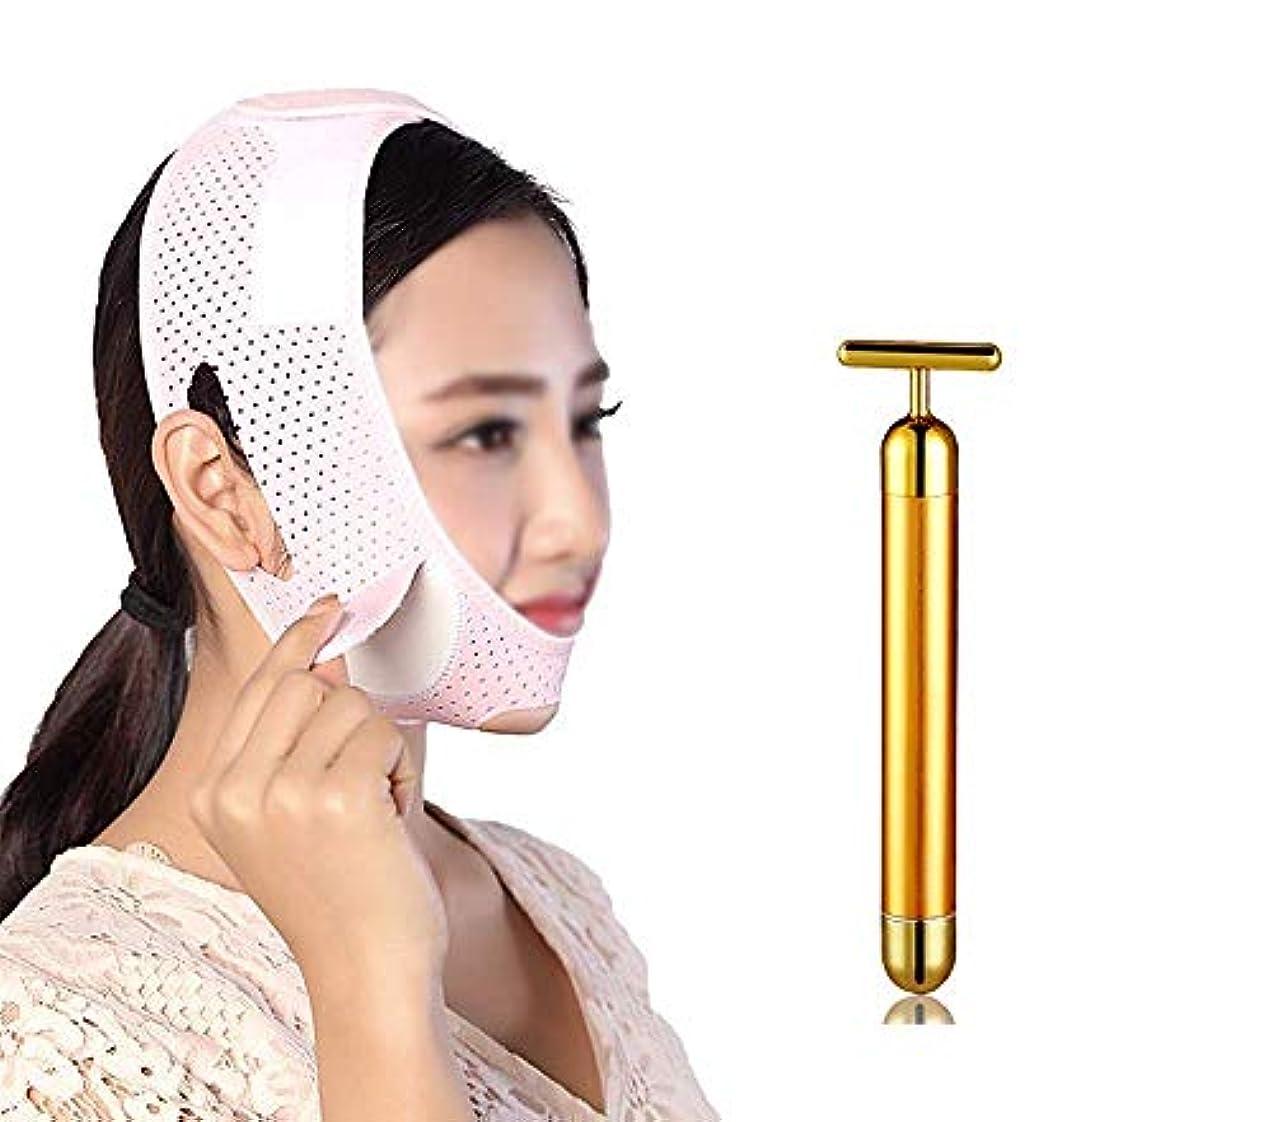 ウナギニュース指紋顔と首を持ち上げる術後弾性セットVフェイスマスクは、チンV顔アーティファクト回復サポートベルトの収縮の調整を強化します。